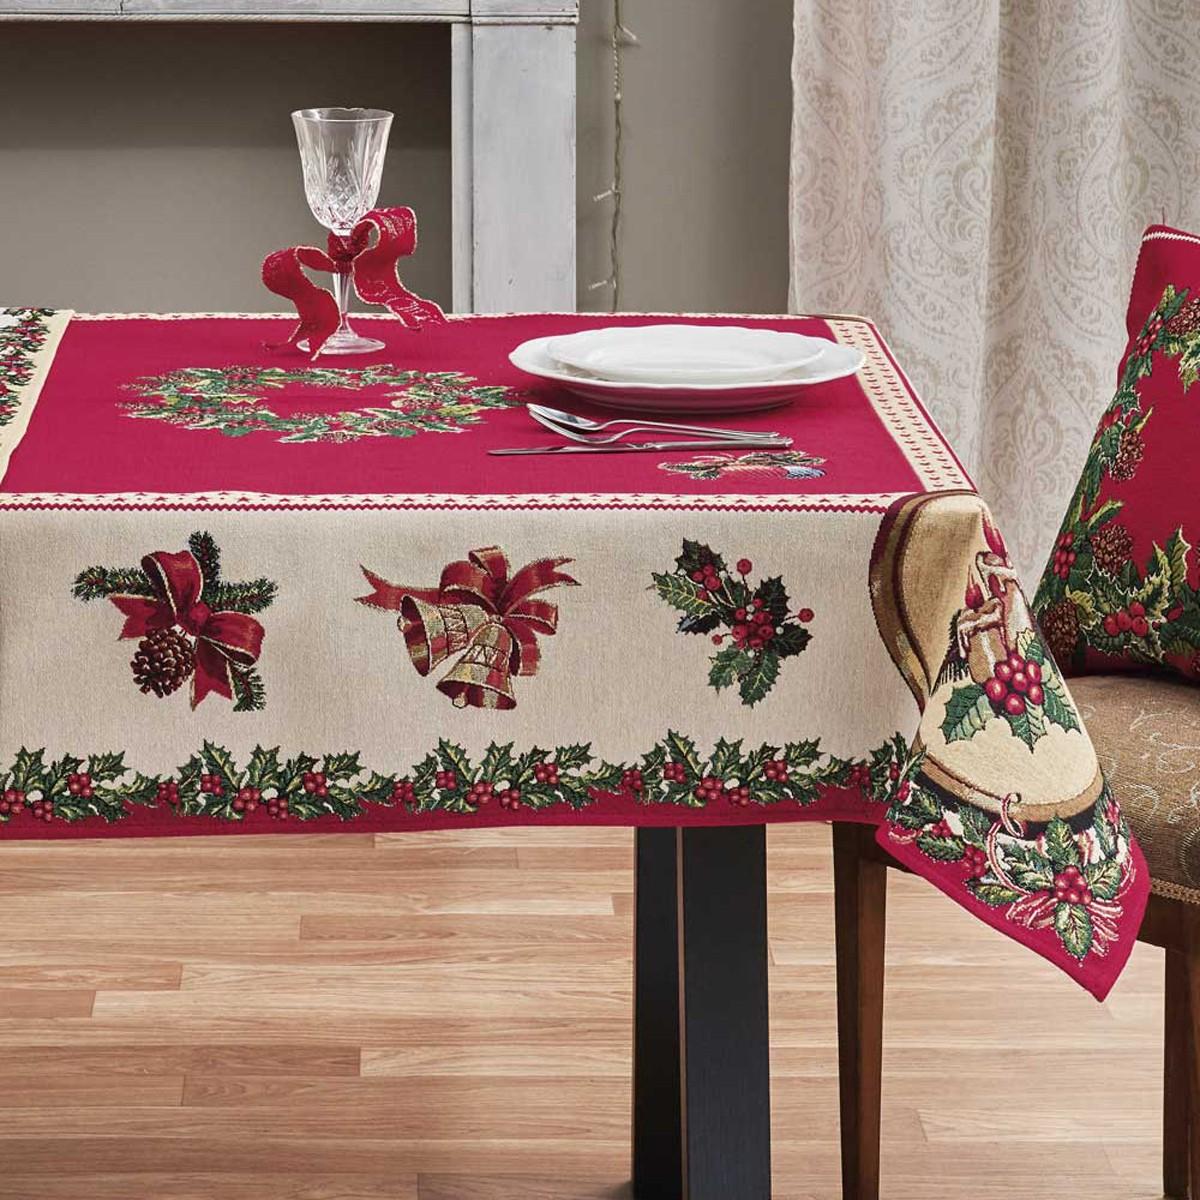 Χριστουγεννιάτικο Τραπεζομάντηλο (135x175) Kentia Made Holly 17